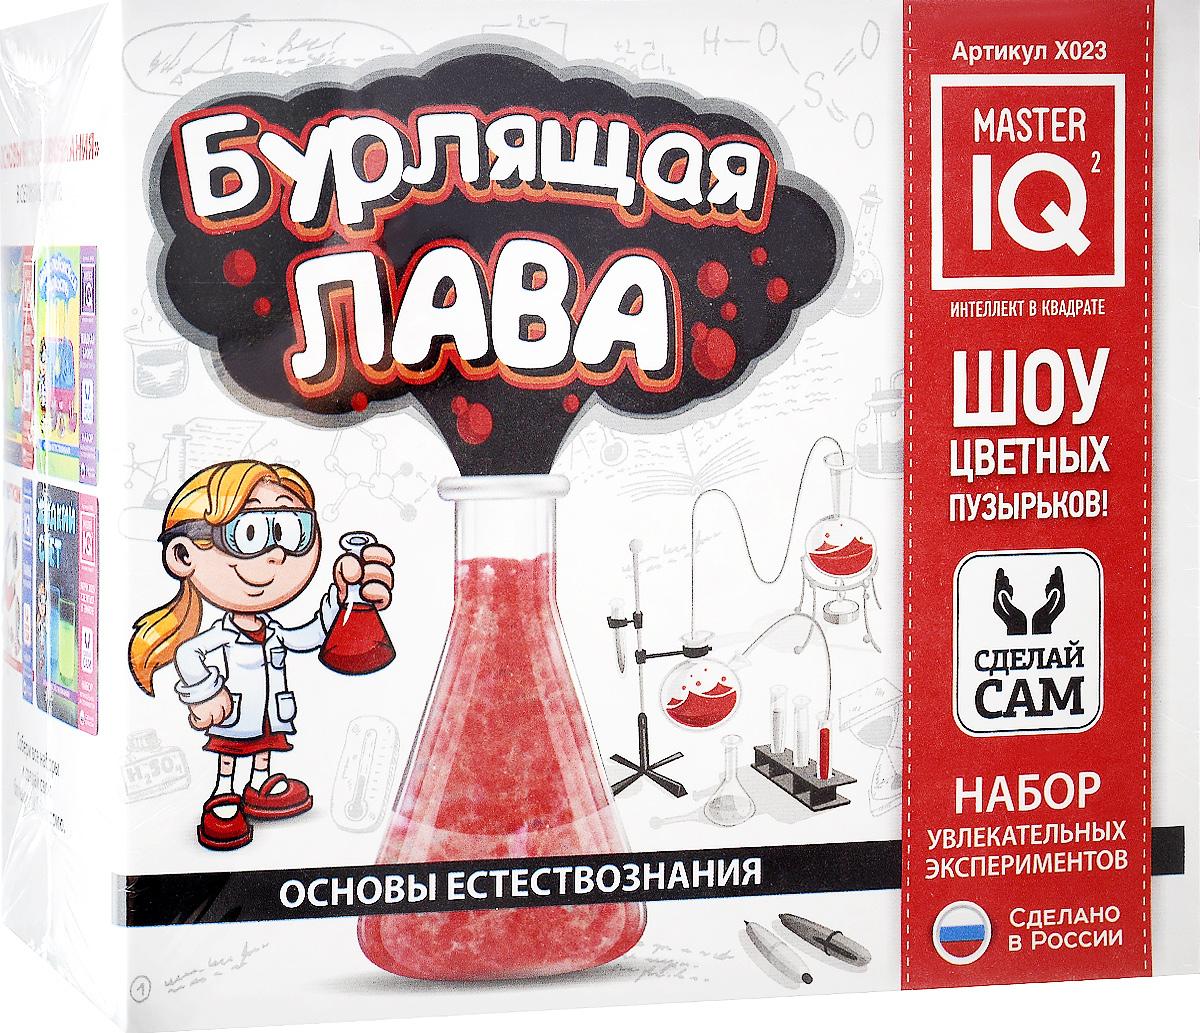 Набор для опытов Master IQ2 Бурлящая лава набор для опытов intellectico юный физик лава лампа из масла 204